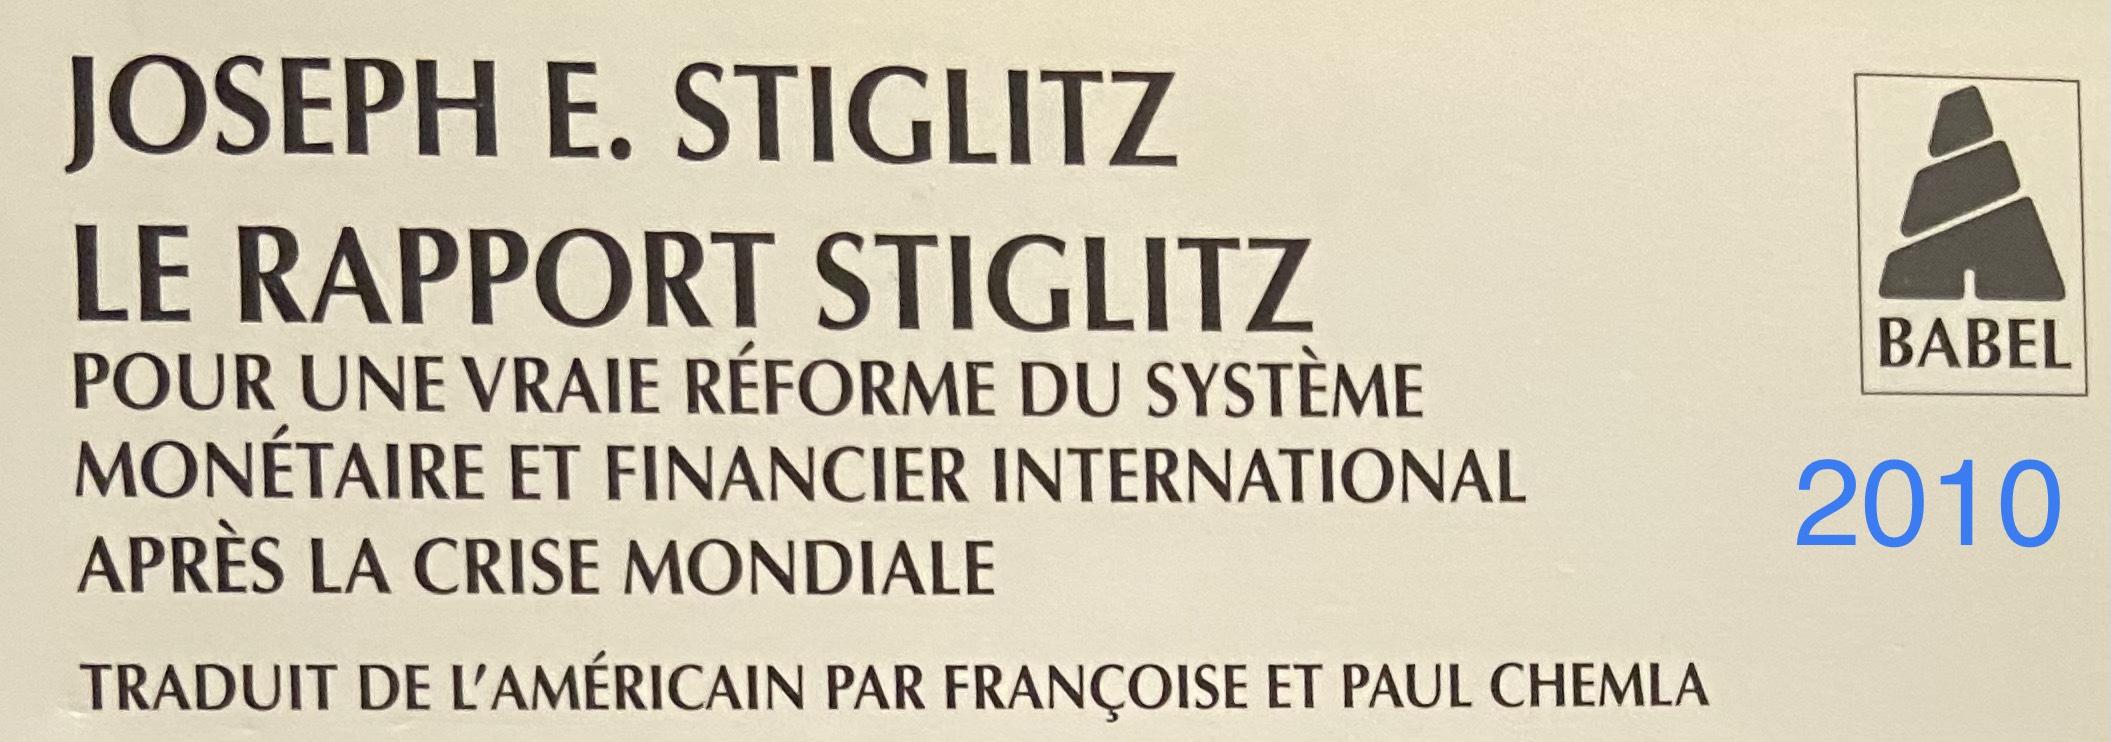 Une partie de la première de couverture du livre de J. E. Stiglitz